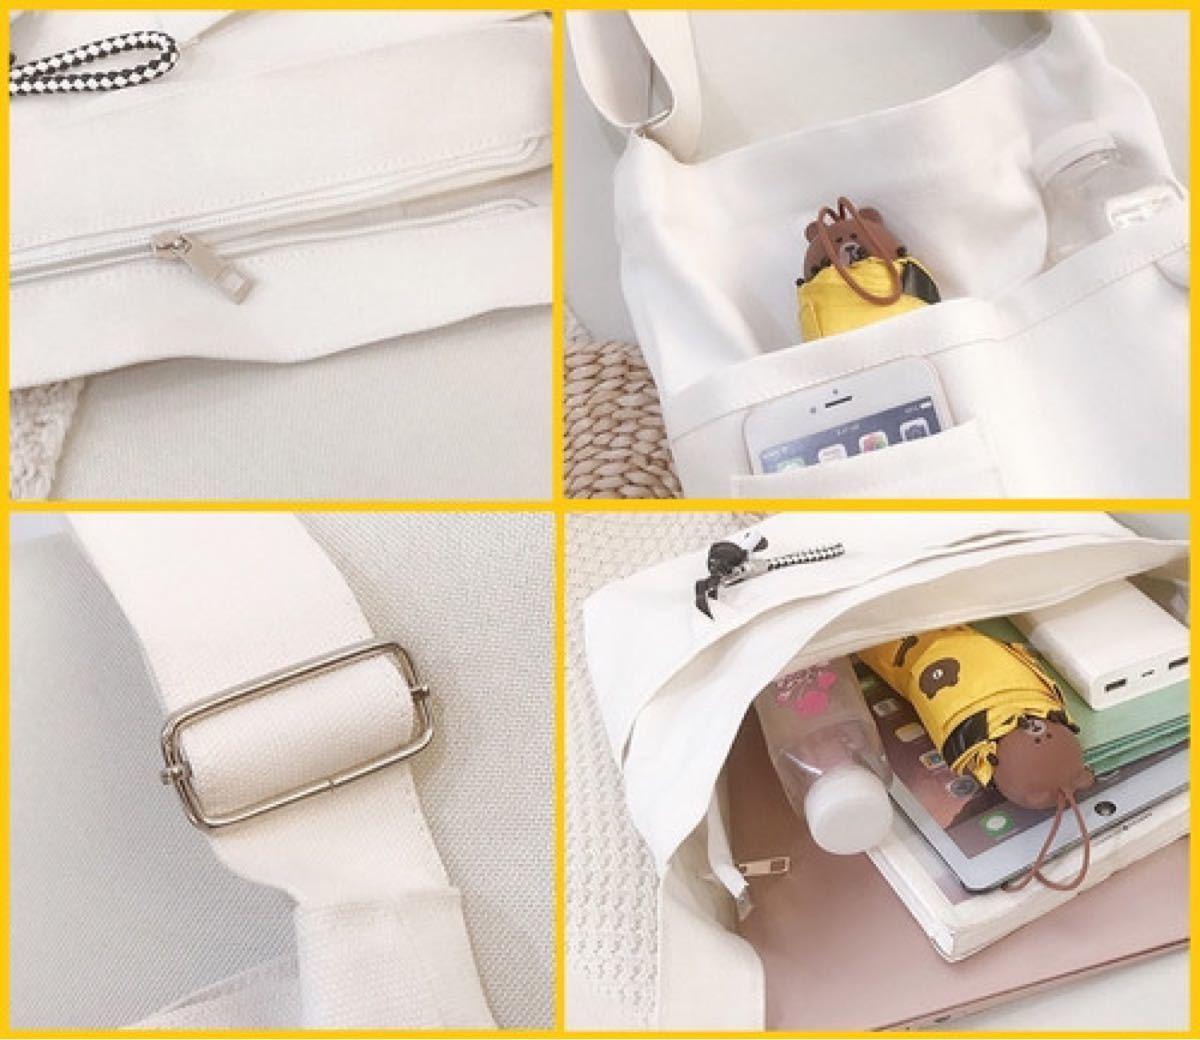 キャンバス トートバッグ ショルダーバッグ ホワイト カジュアル 大容量 韓国風